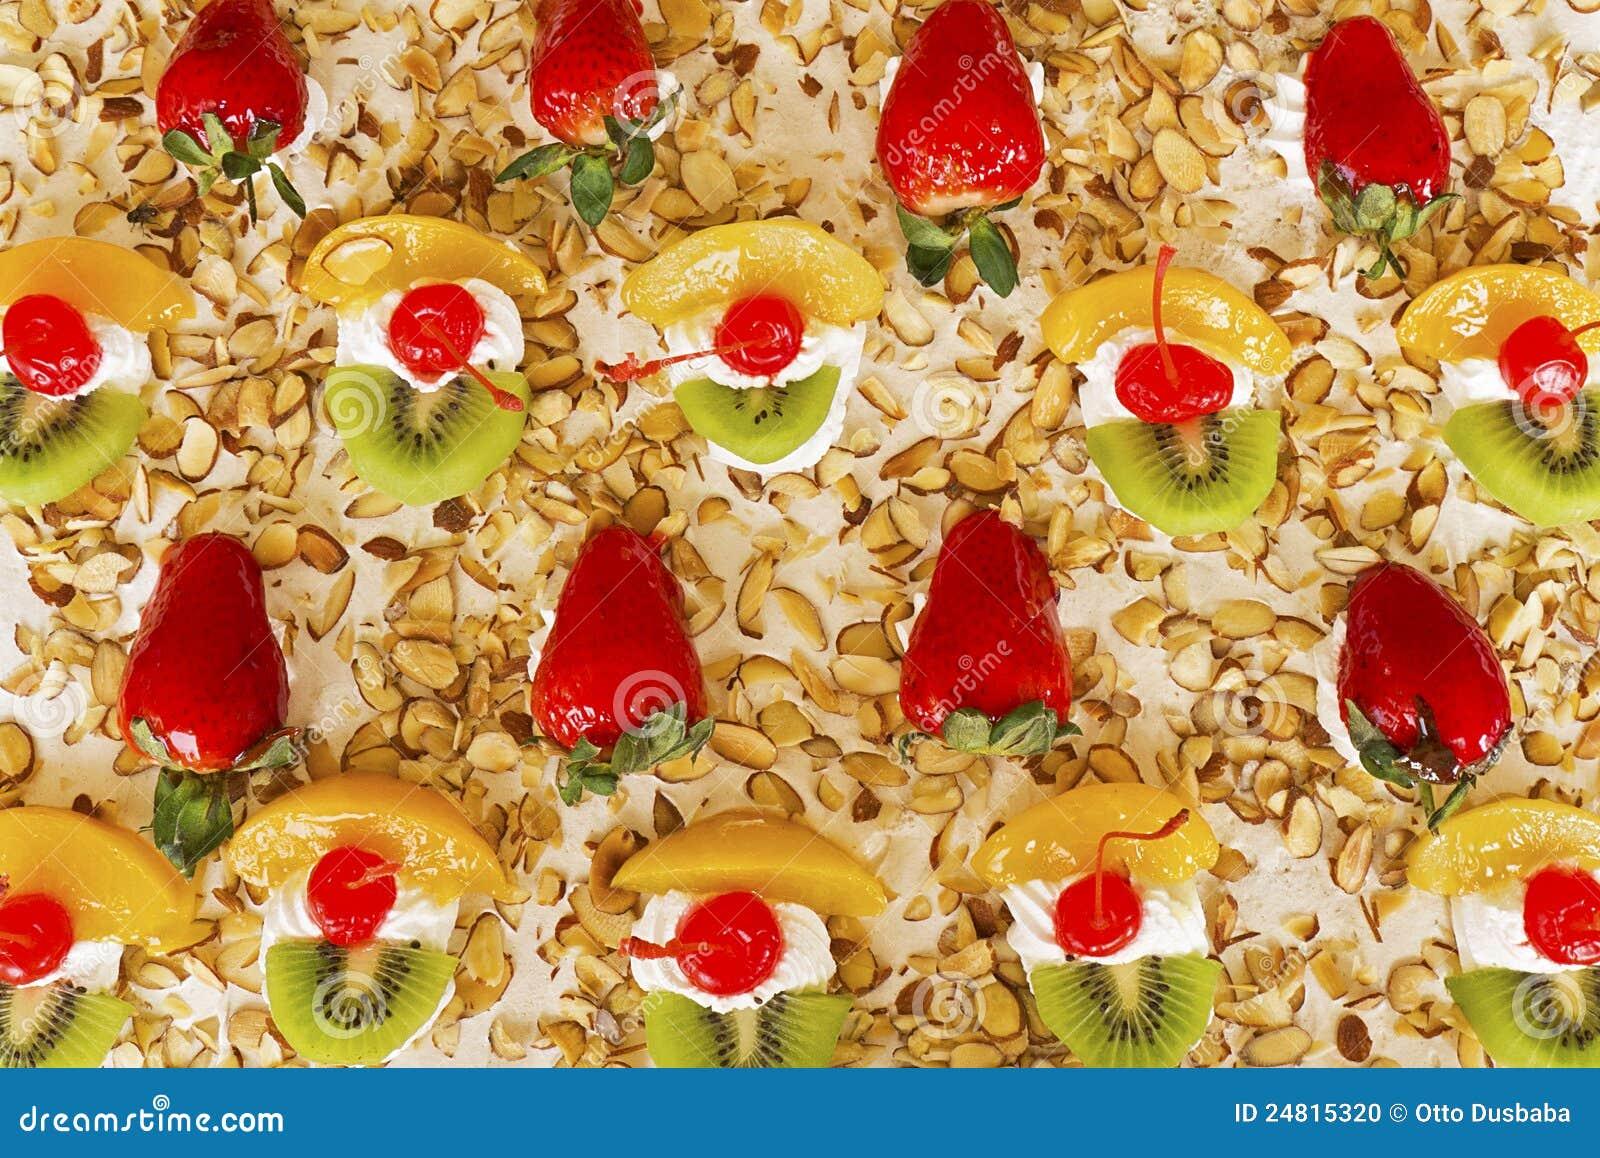 Fancy fruits